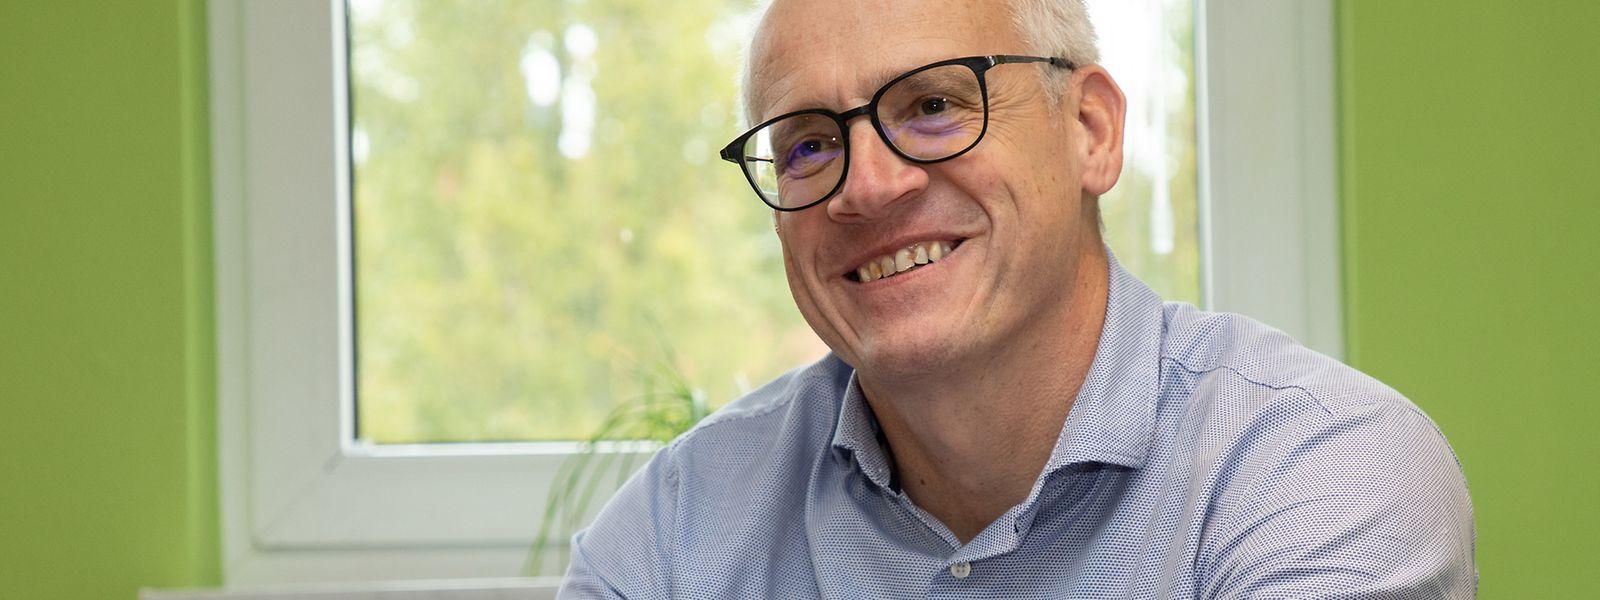 Raymond Schintgen ist seit 2015 Präsident der AVR. Nächstes Jahr plant er sein Amt niederzulegen.